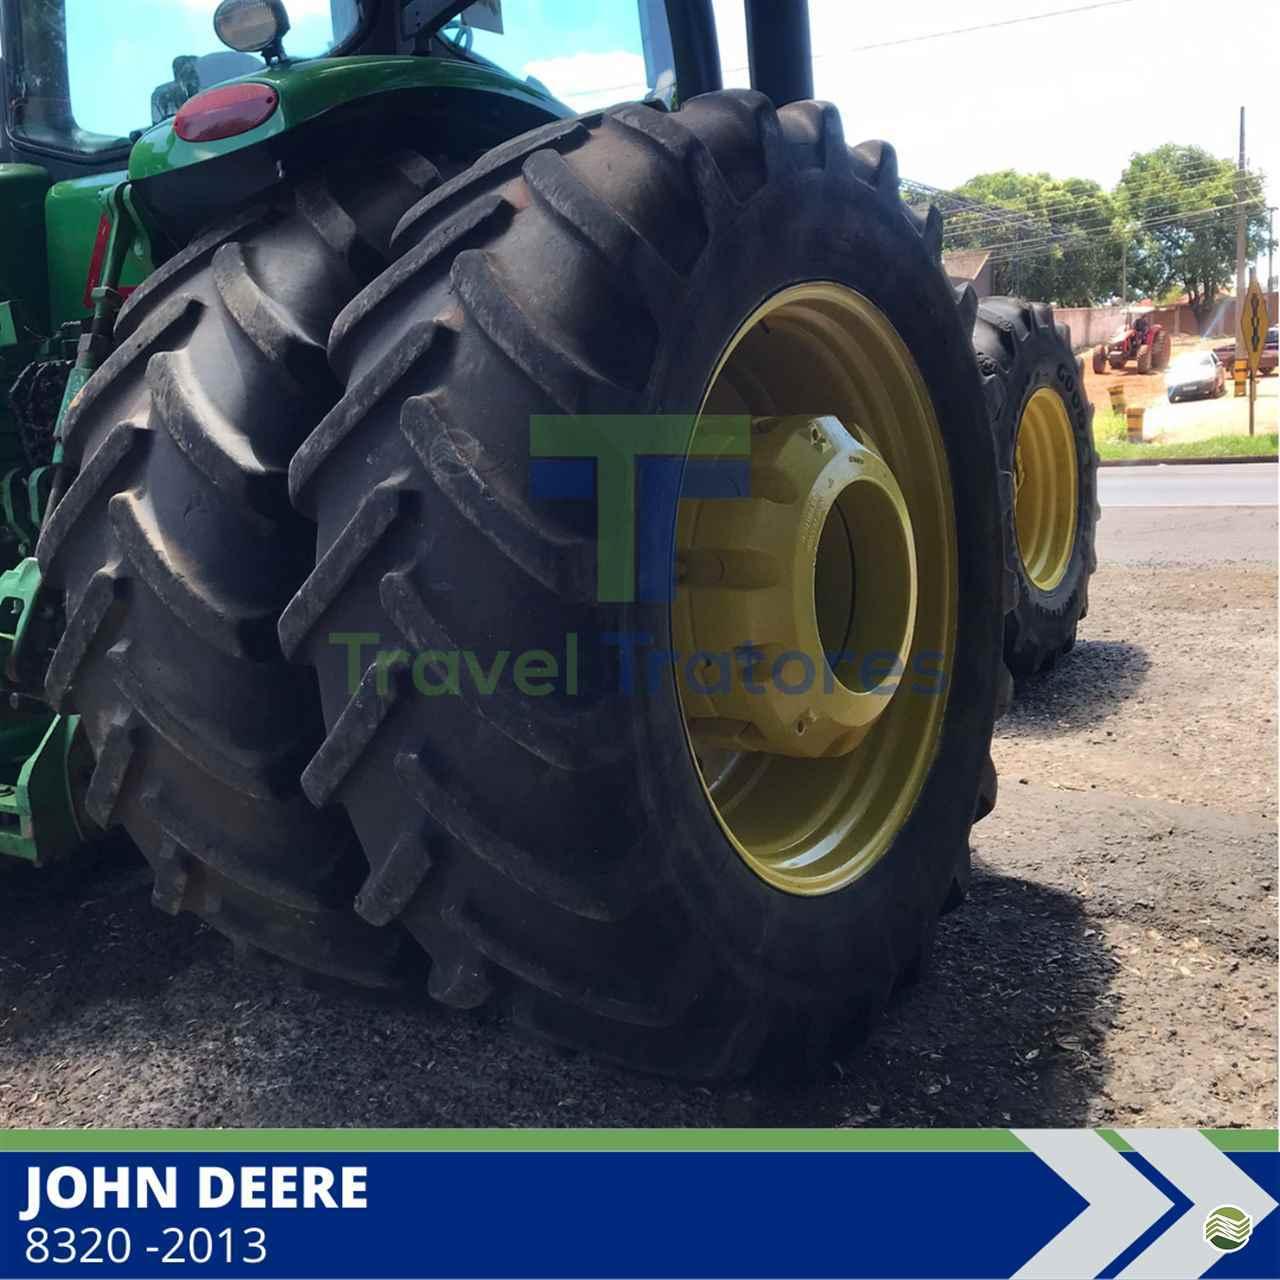 TRATOR JOHN DEERE JOHN DEERE 8320 Tração 4x4 Travel Máquinas Agrícolas LONDRINA PARANÁ PR